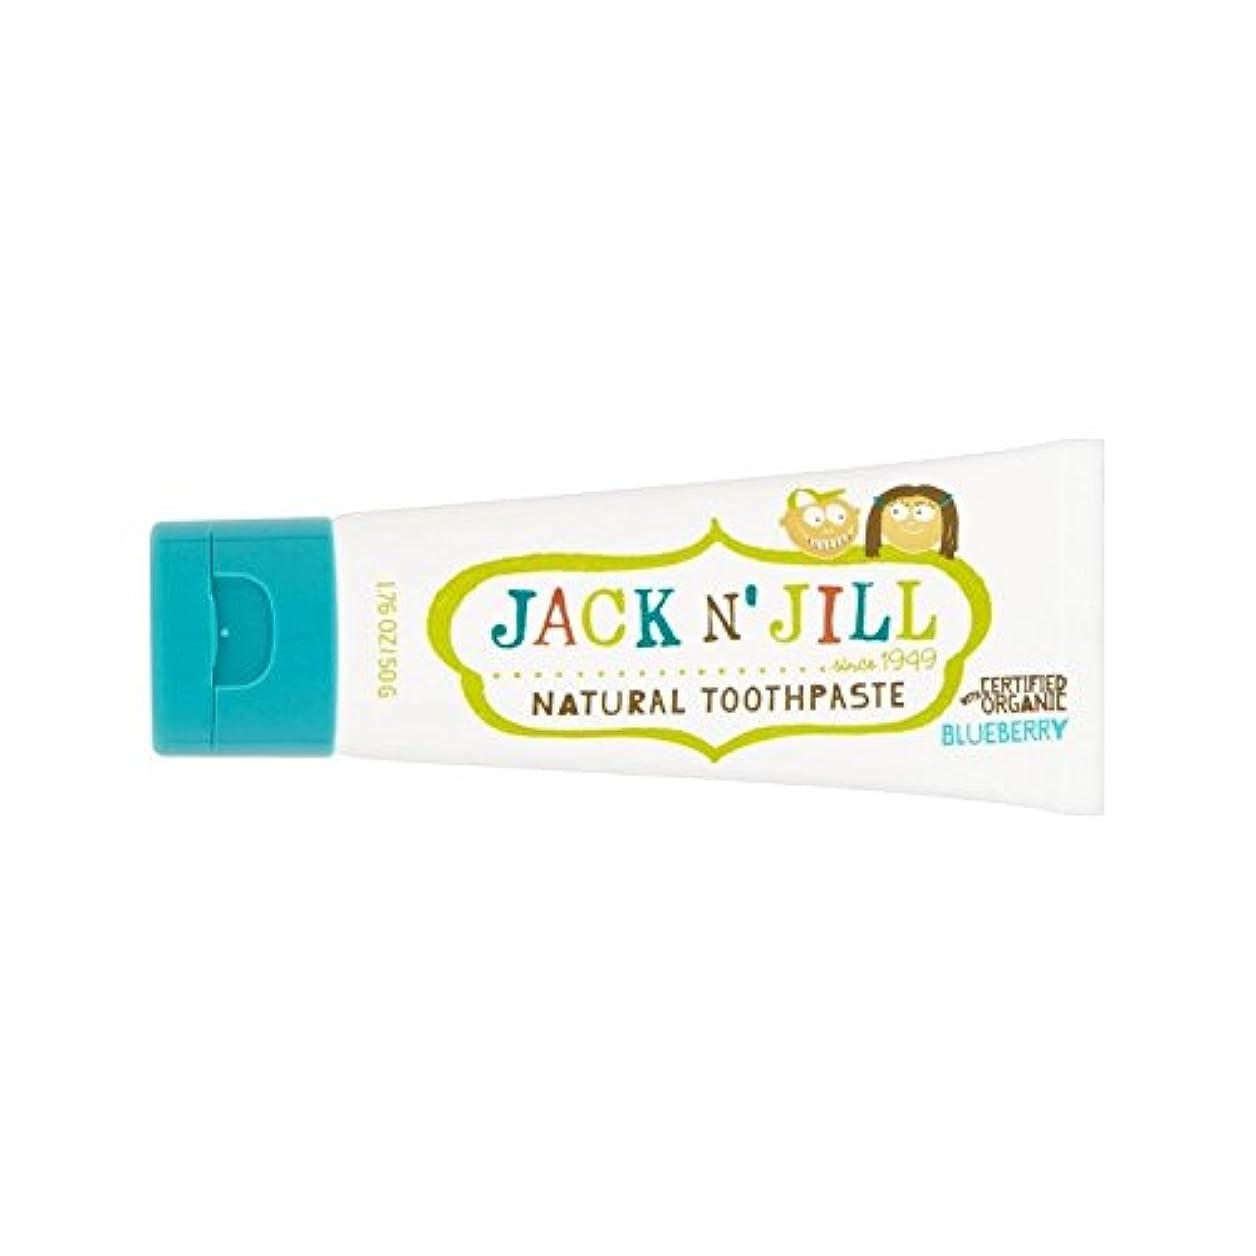 ターゲット日付下に向けます有機香味50グラムとの自然なブルーベリー歯磨き粉 (Jack N Jill) - Jack N' Jill Blueberry Toothpaste Natural with Organic Flavouring 50g...